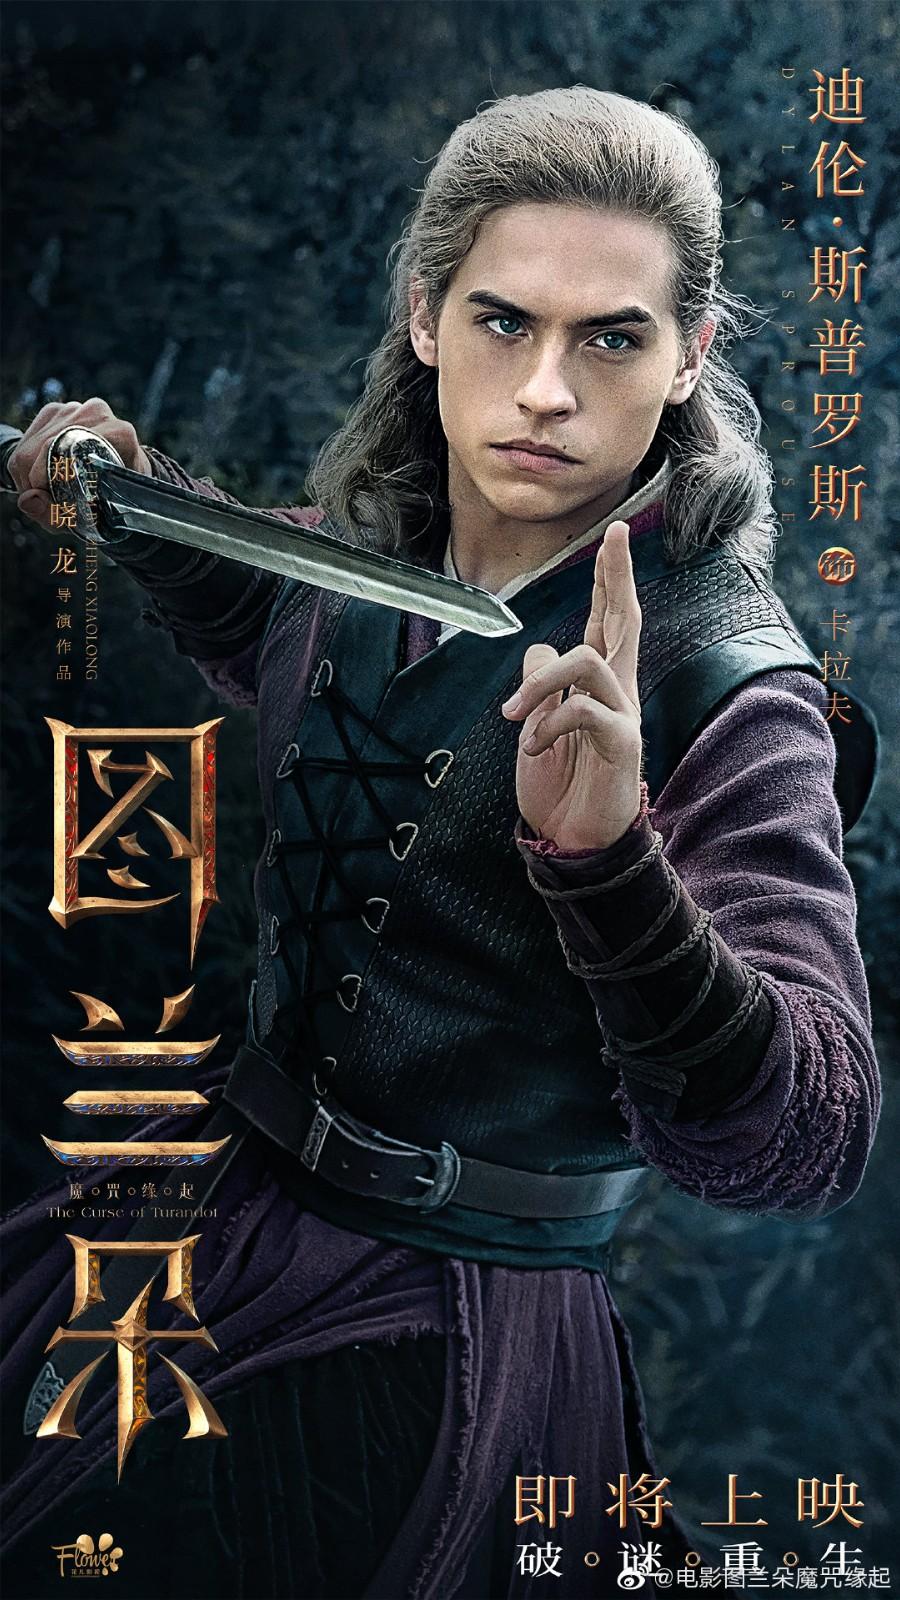 奇幻片《图兰朵:魔咒缘起》预告 关晓彤演公主